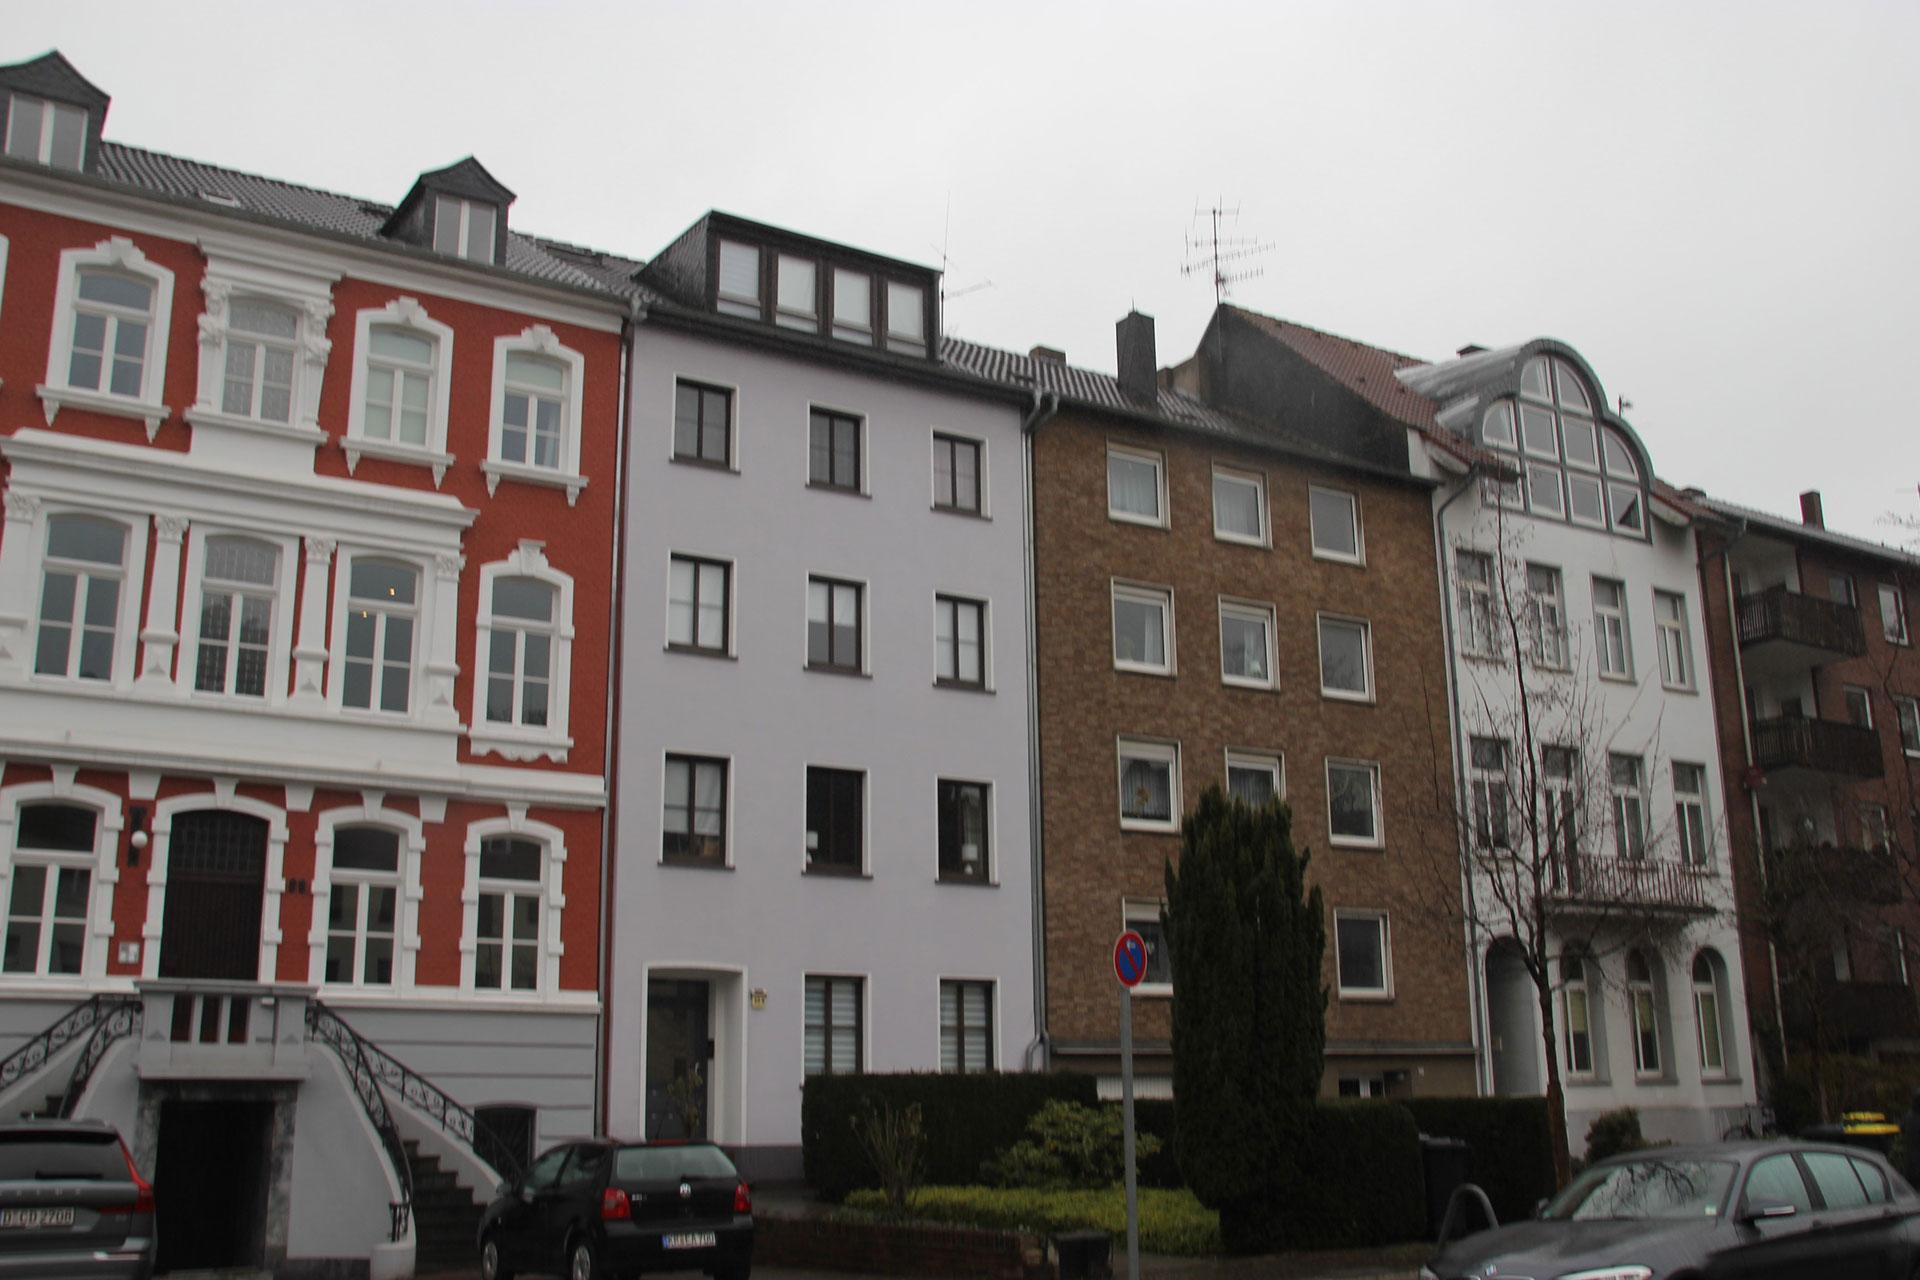 Hausverwaltung Krefeld: Moerserstraße WEG-Verwalter